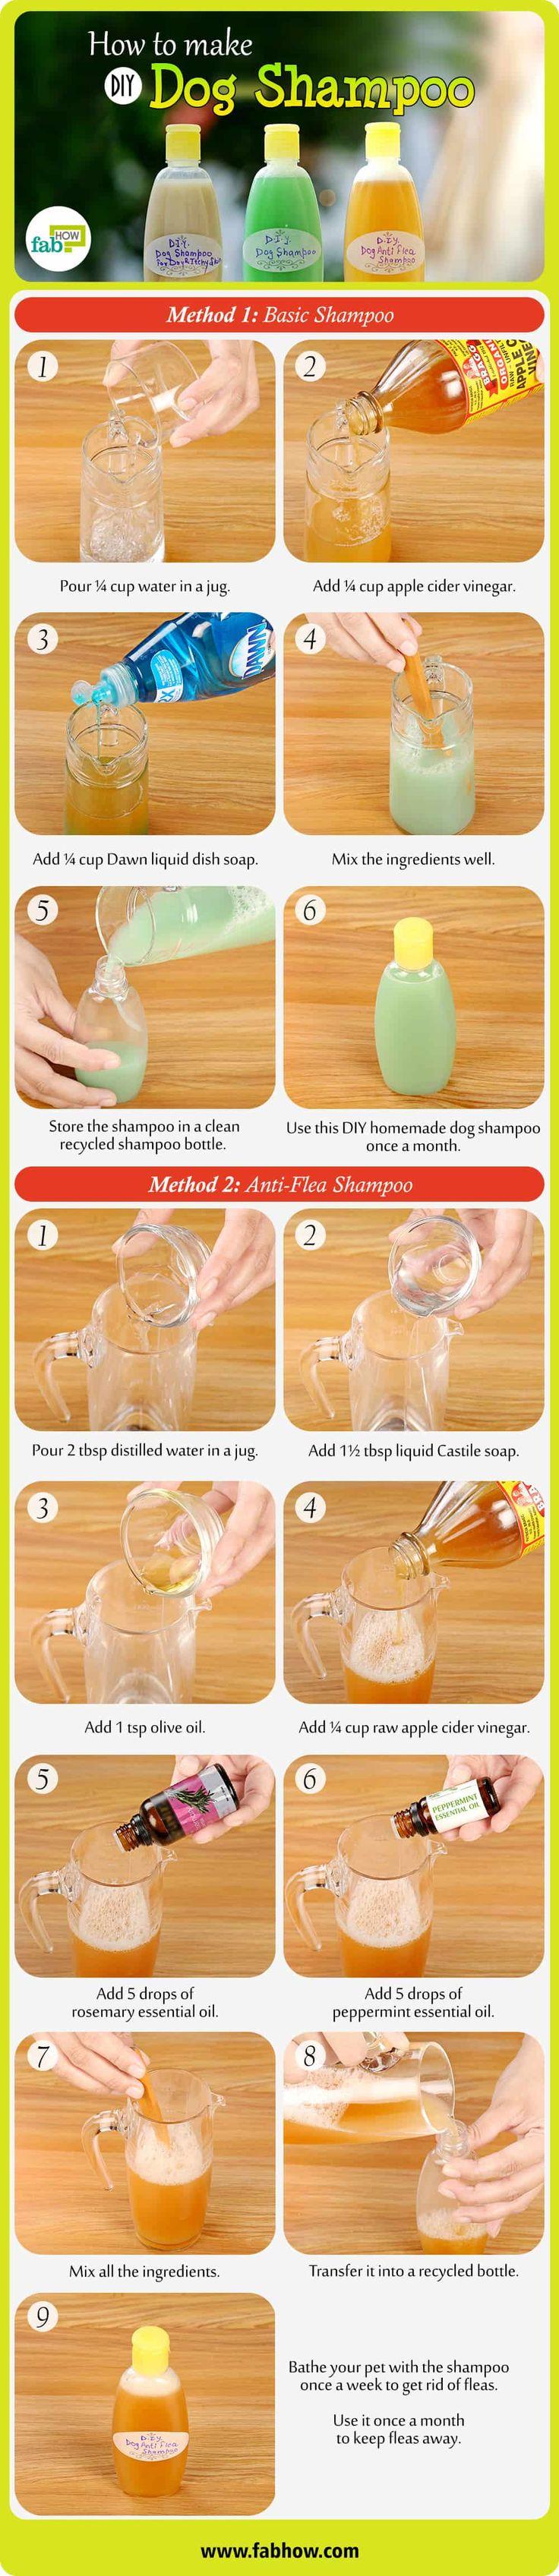 DIY Homemade Dog Shampoo Recipes summary